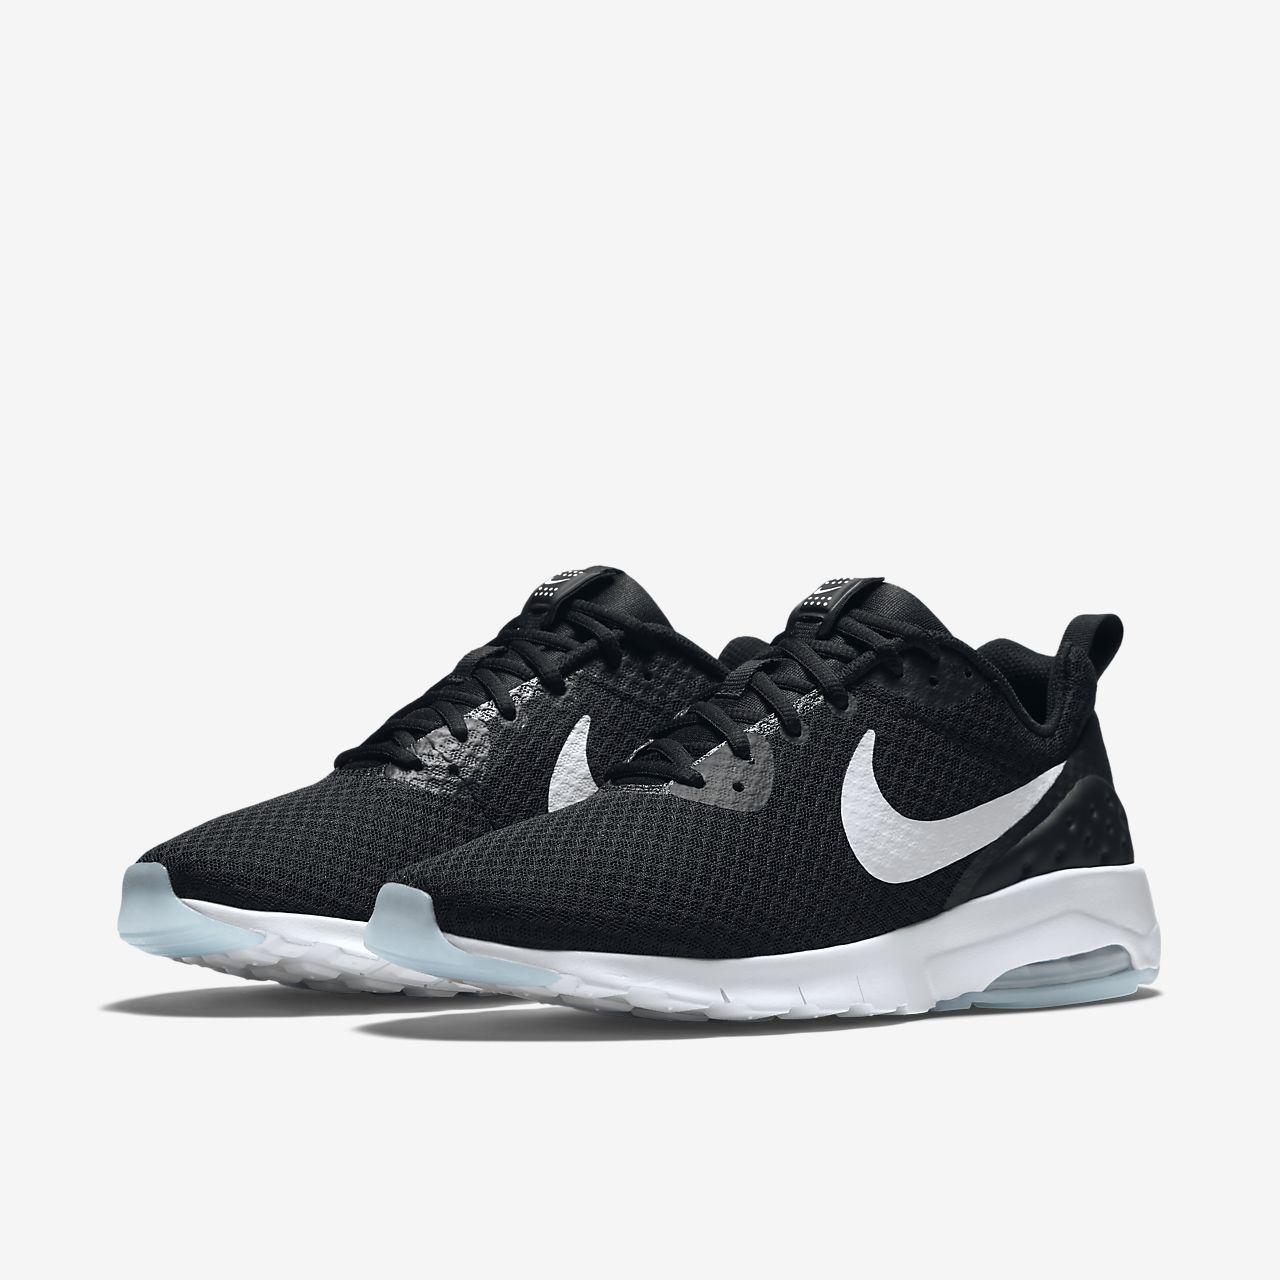 7b8c735c1b4b0 Scarpa Nike Air Max Motion Low - Uomo. Nike.com IT